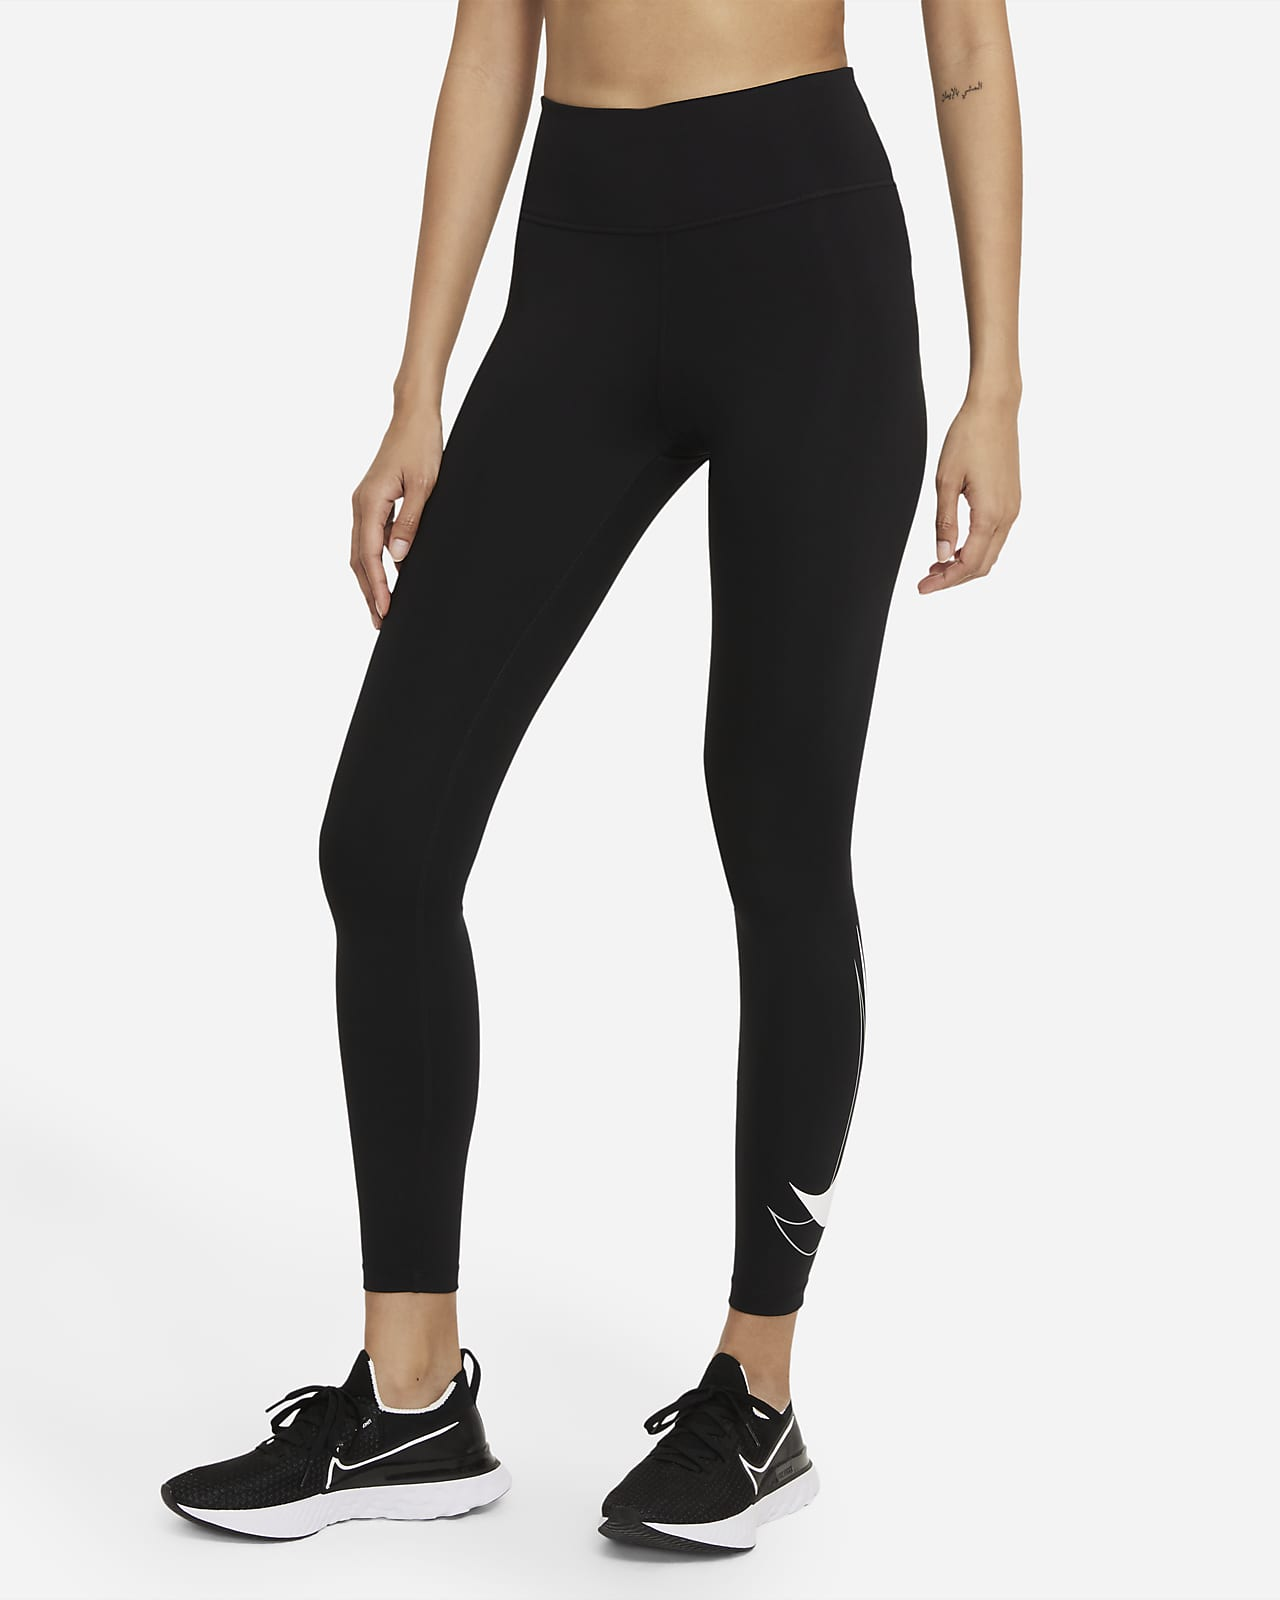 Nike Dri-FIT Swoosh Run 7/8-os, középmagas szabású női futóleggings